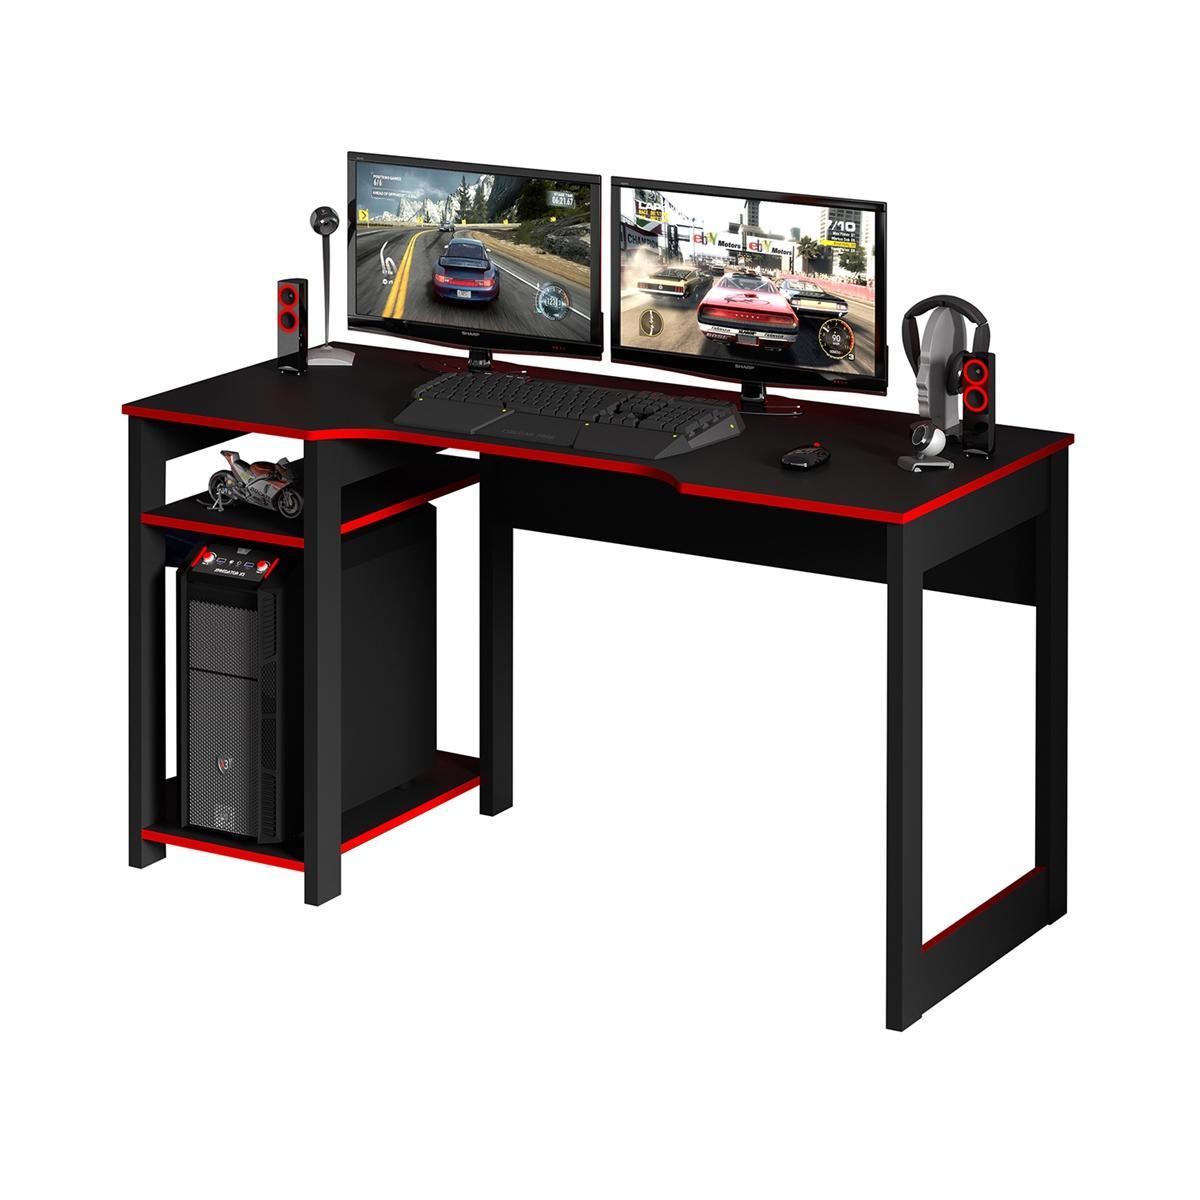 Mesa Para Computador Gamer Streamer 2 Prateleiras Preto/Vermelho - FdECOR